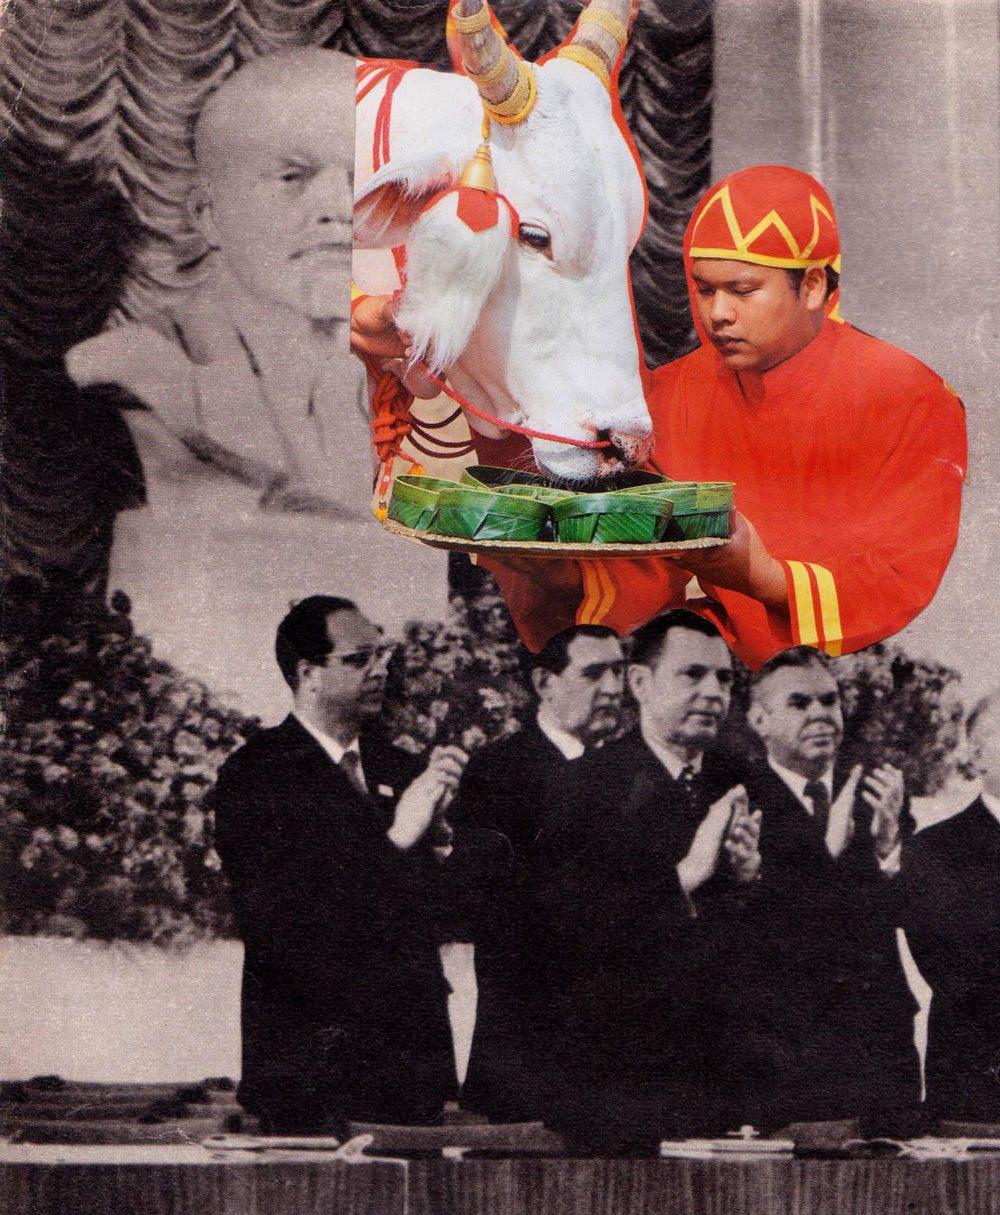 004 2 irinavale - Колхозниці у Голлівуді: Ілюстраторка Ірина Вале іронізує над радянськими фото - Заборона